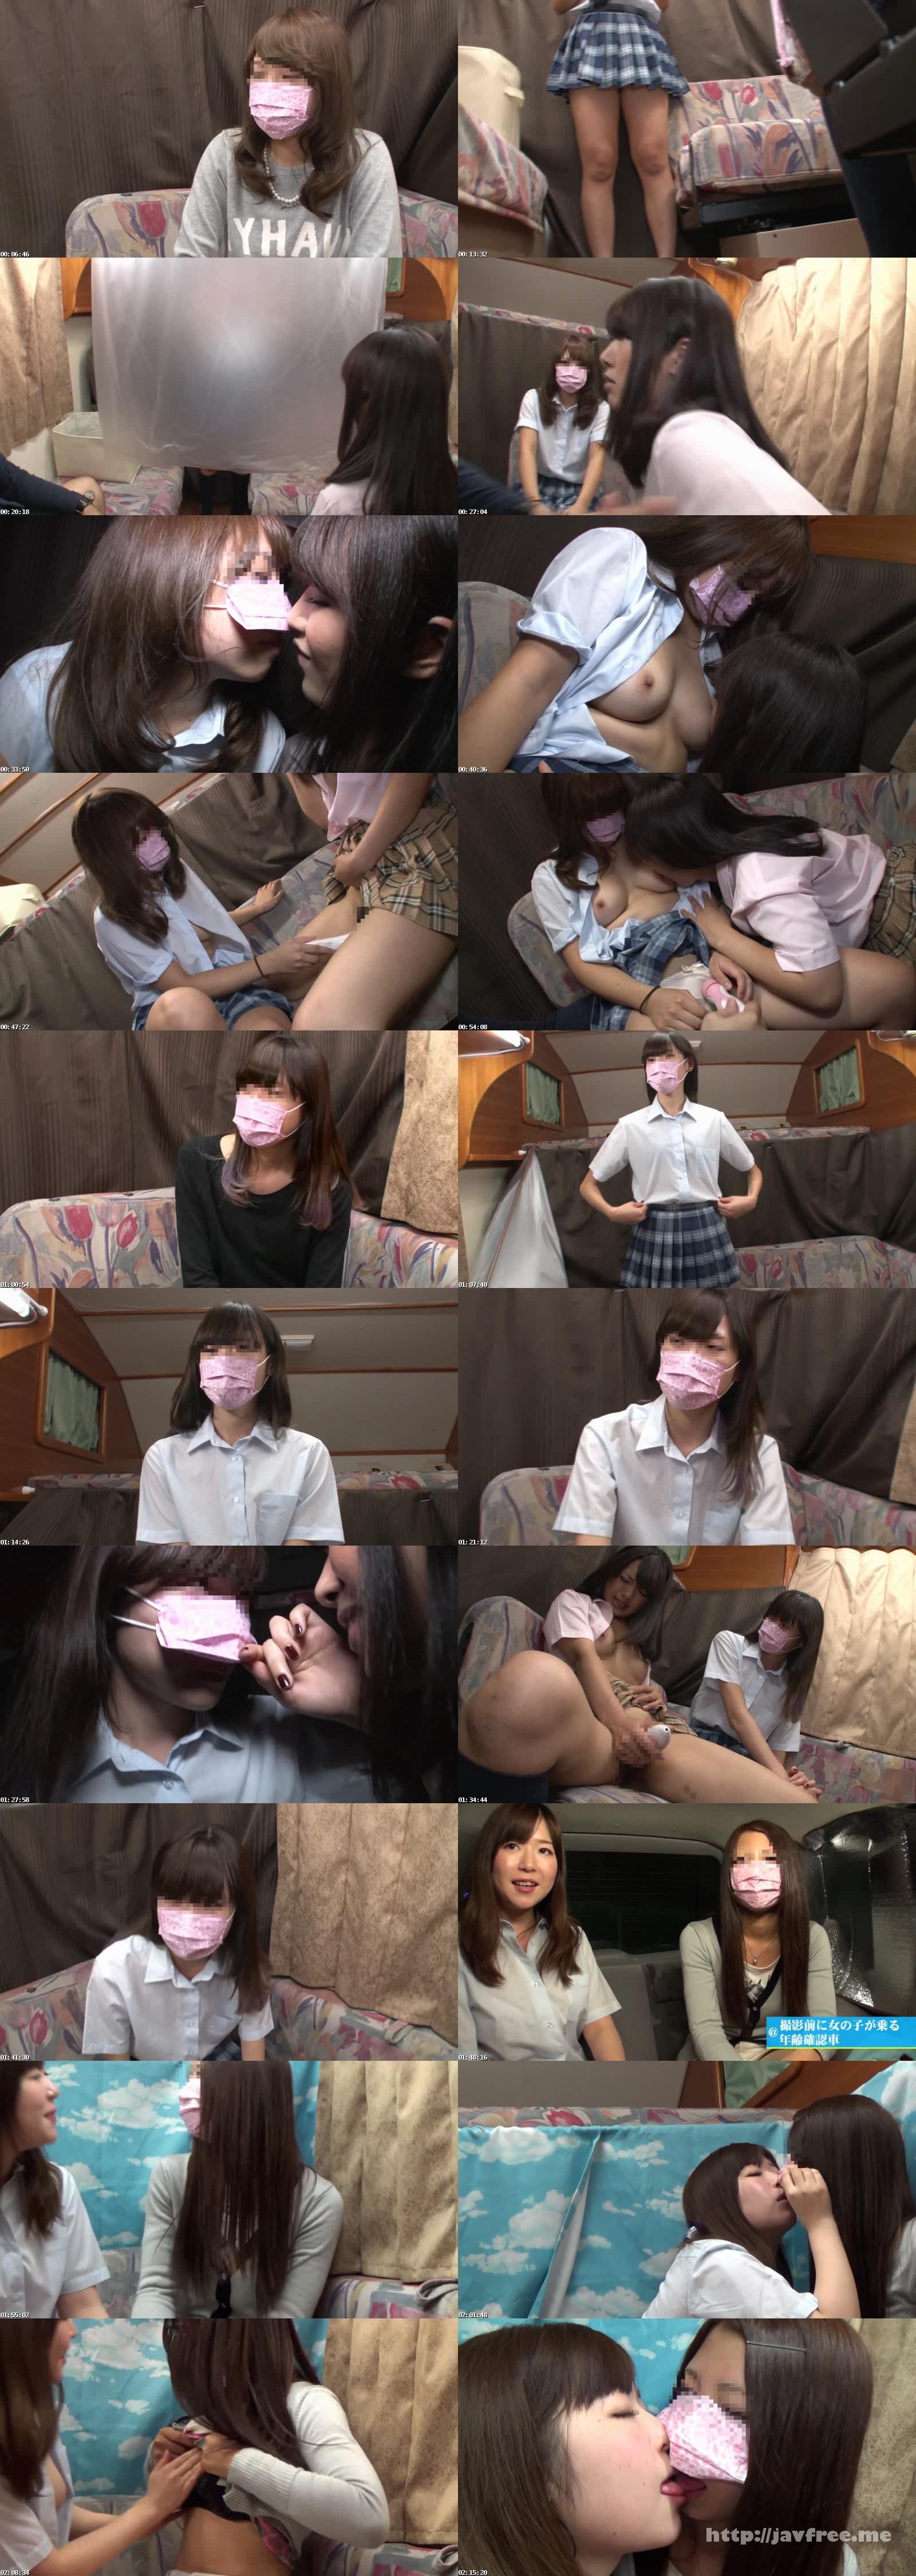 [AMM-018] 初めてのレズベロチューからの…AV女優のテクでイカされた素人お嬢さんら5人 - image AMM-018a on https://javfree.me